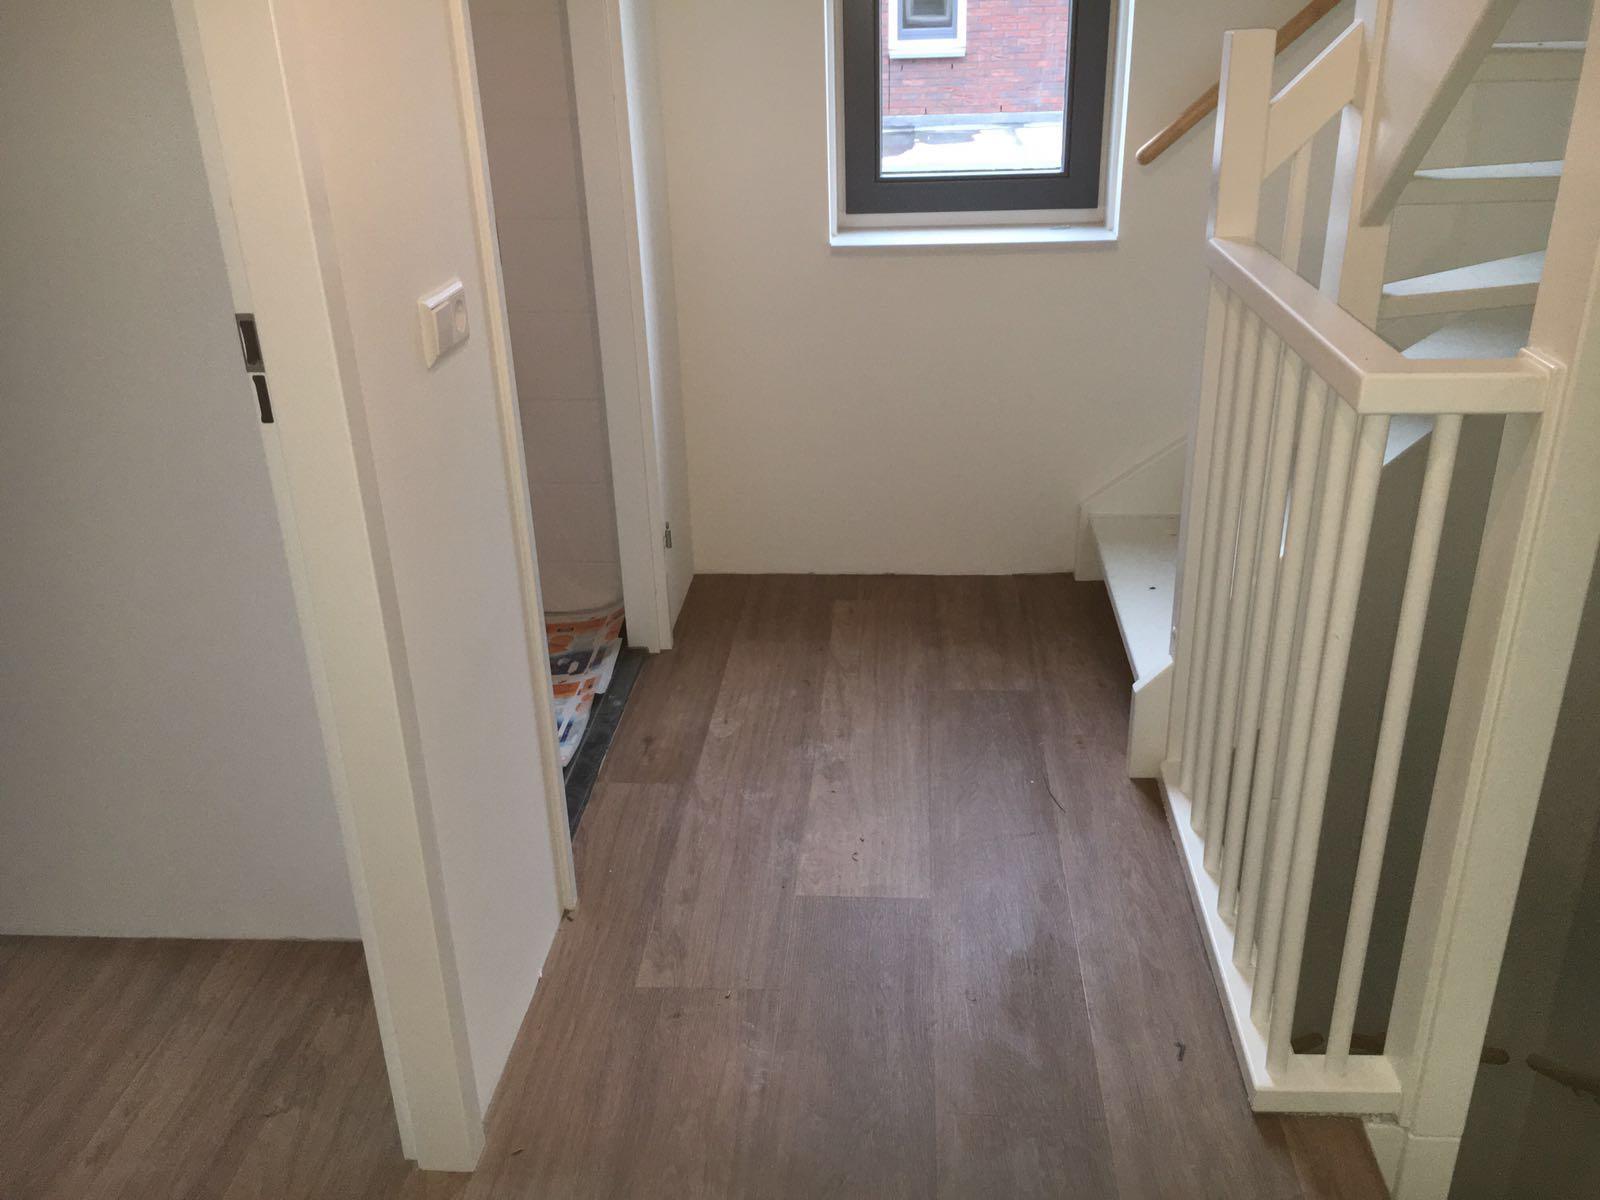 PVC vloer en trap bekleed in Mijdrecht  Van den Berg Vloeren